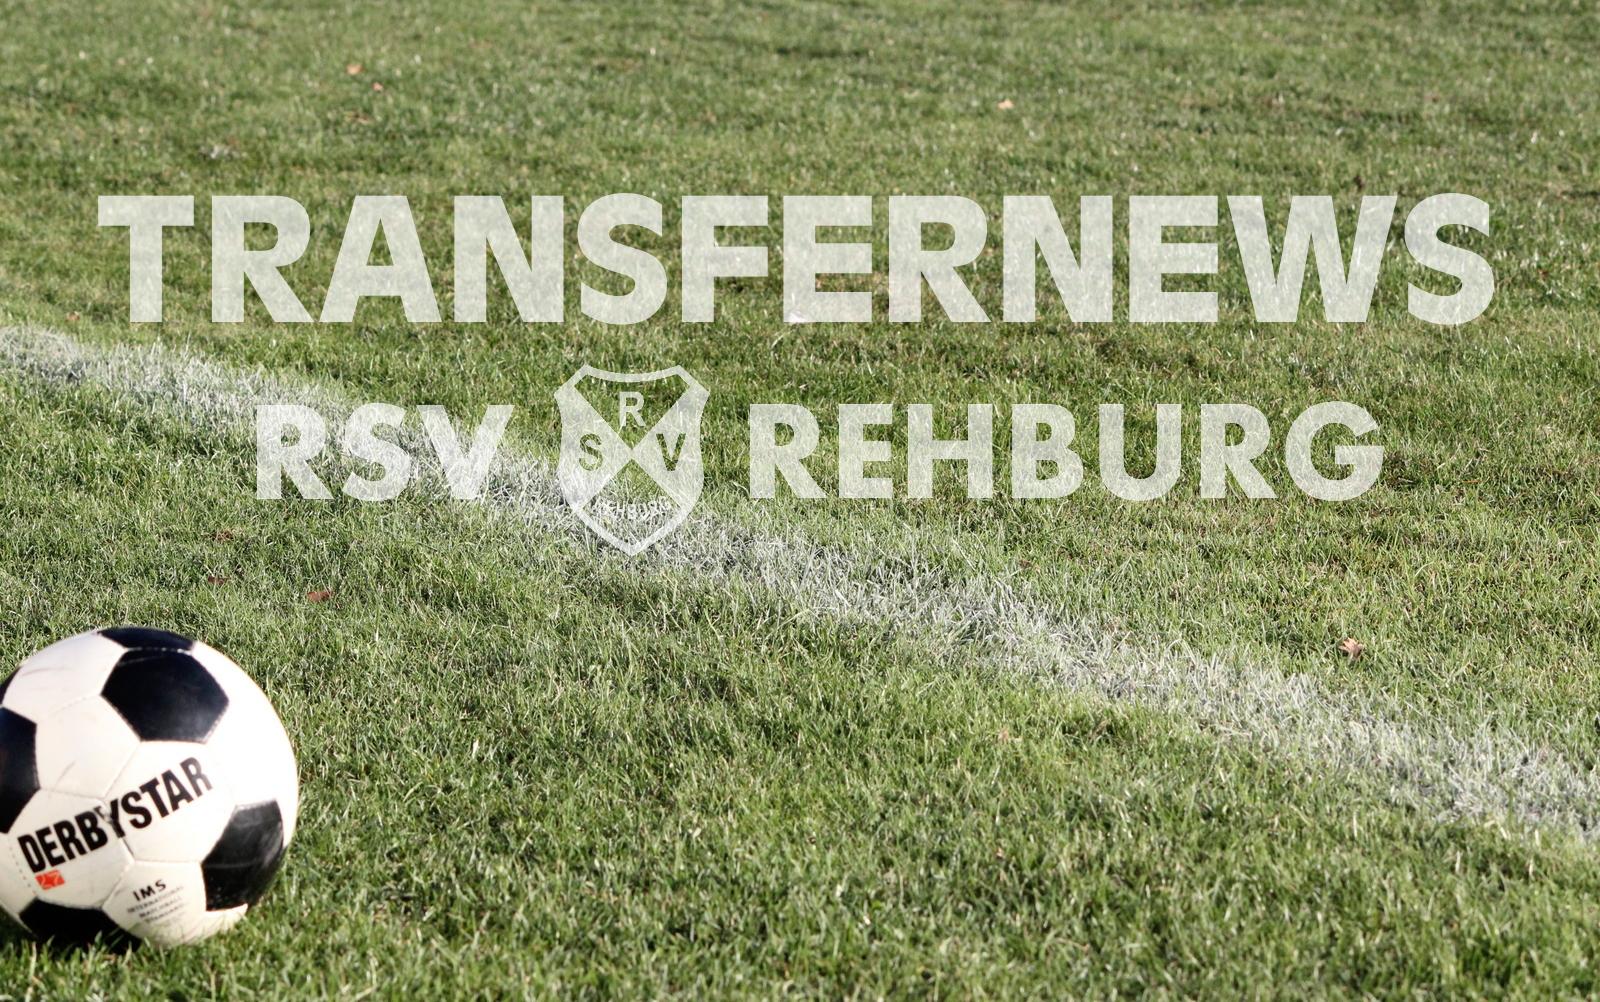 Defensivtalent kommt zum RSV Rehburg